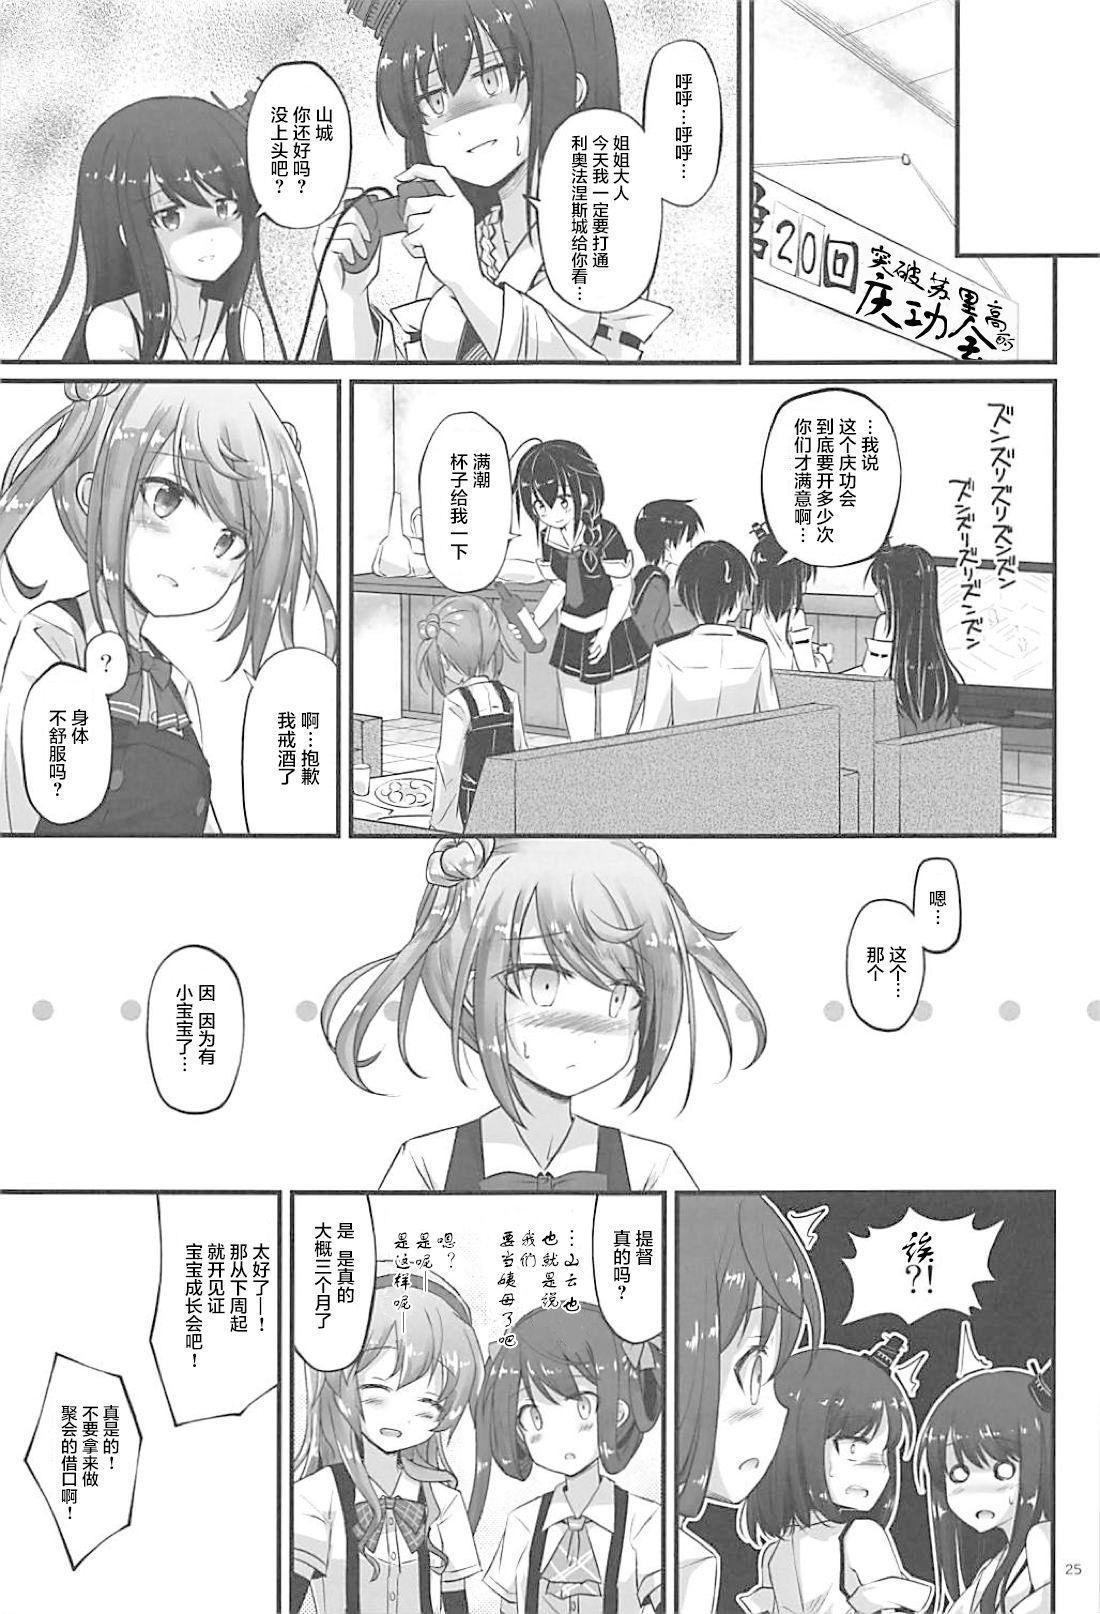 Haruiro Komichi 23